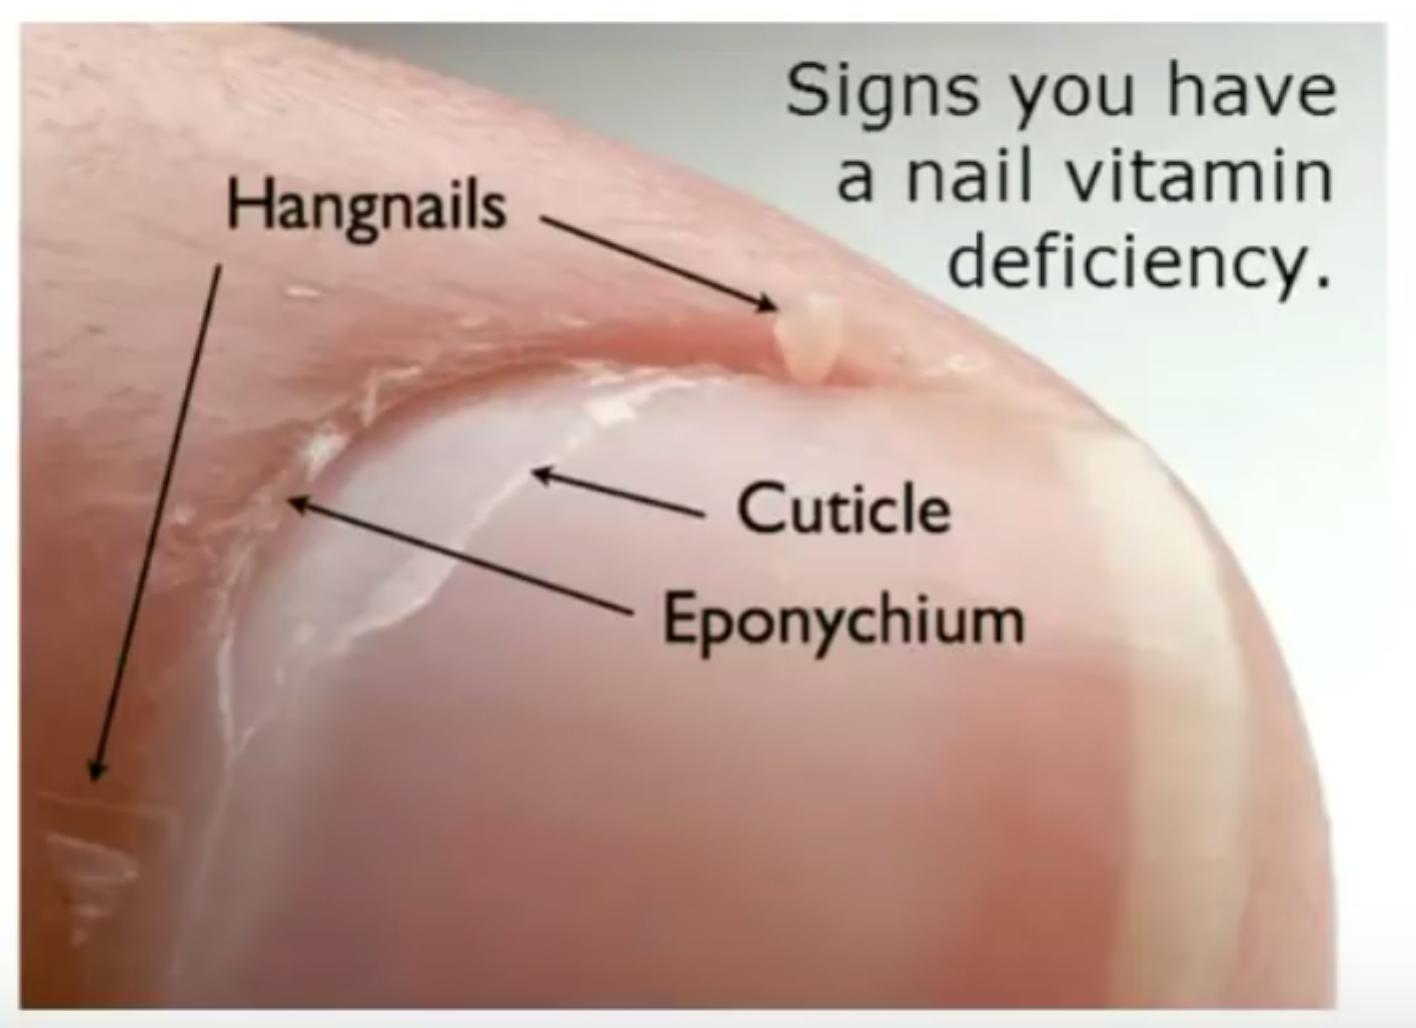 2018 - nails and biotin deficiency | H Pylori Symptoms